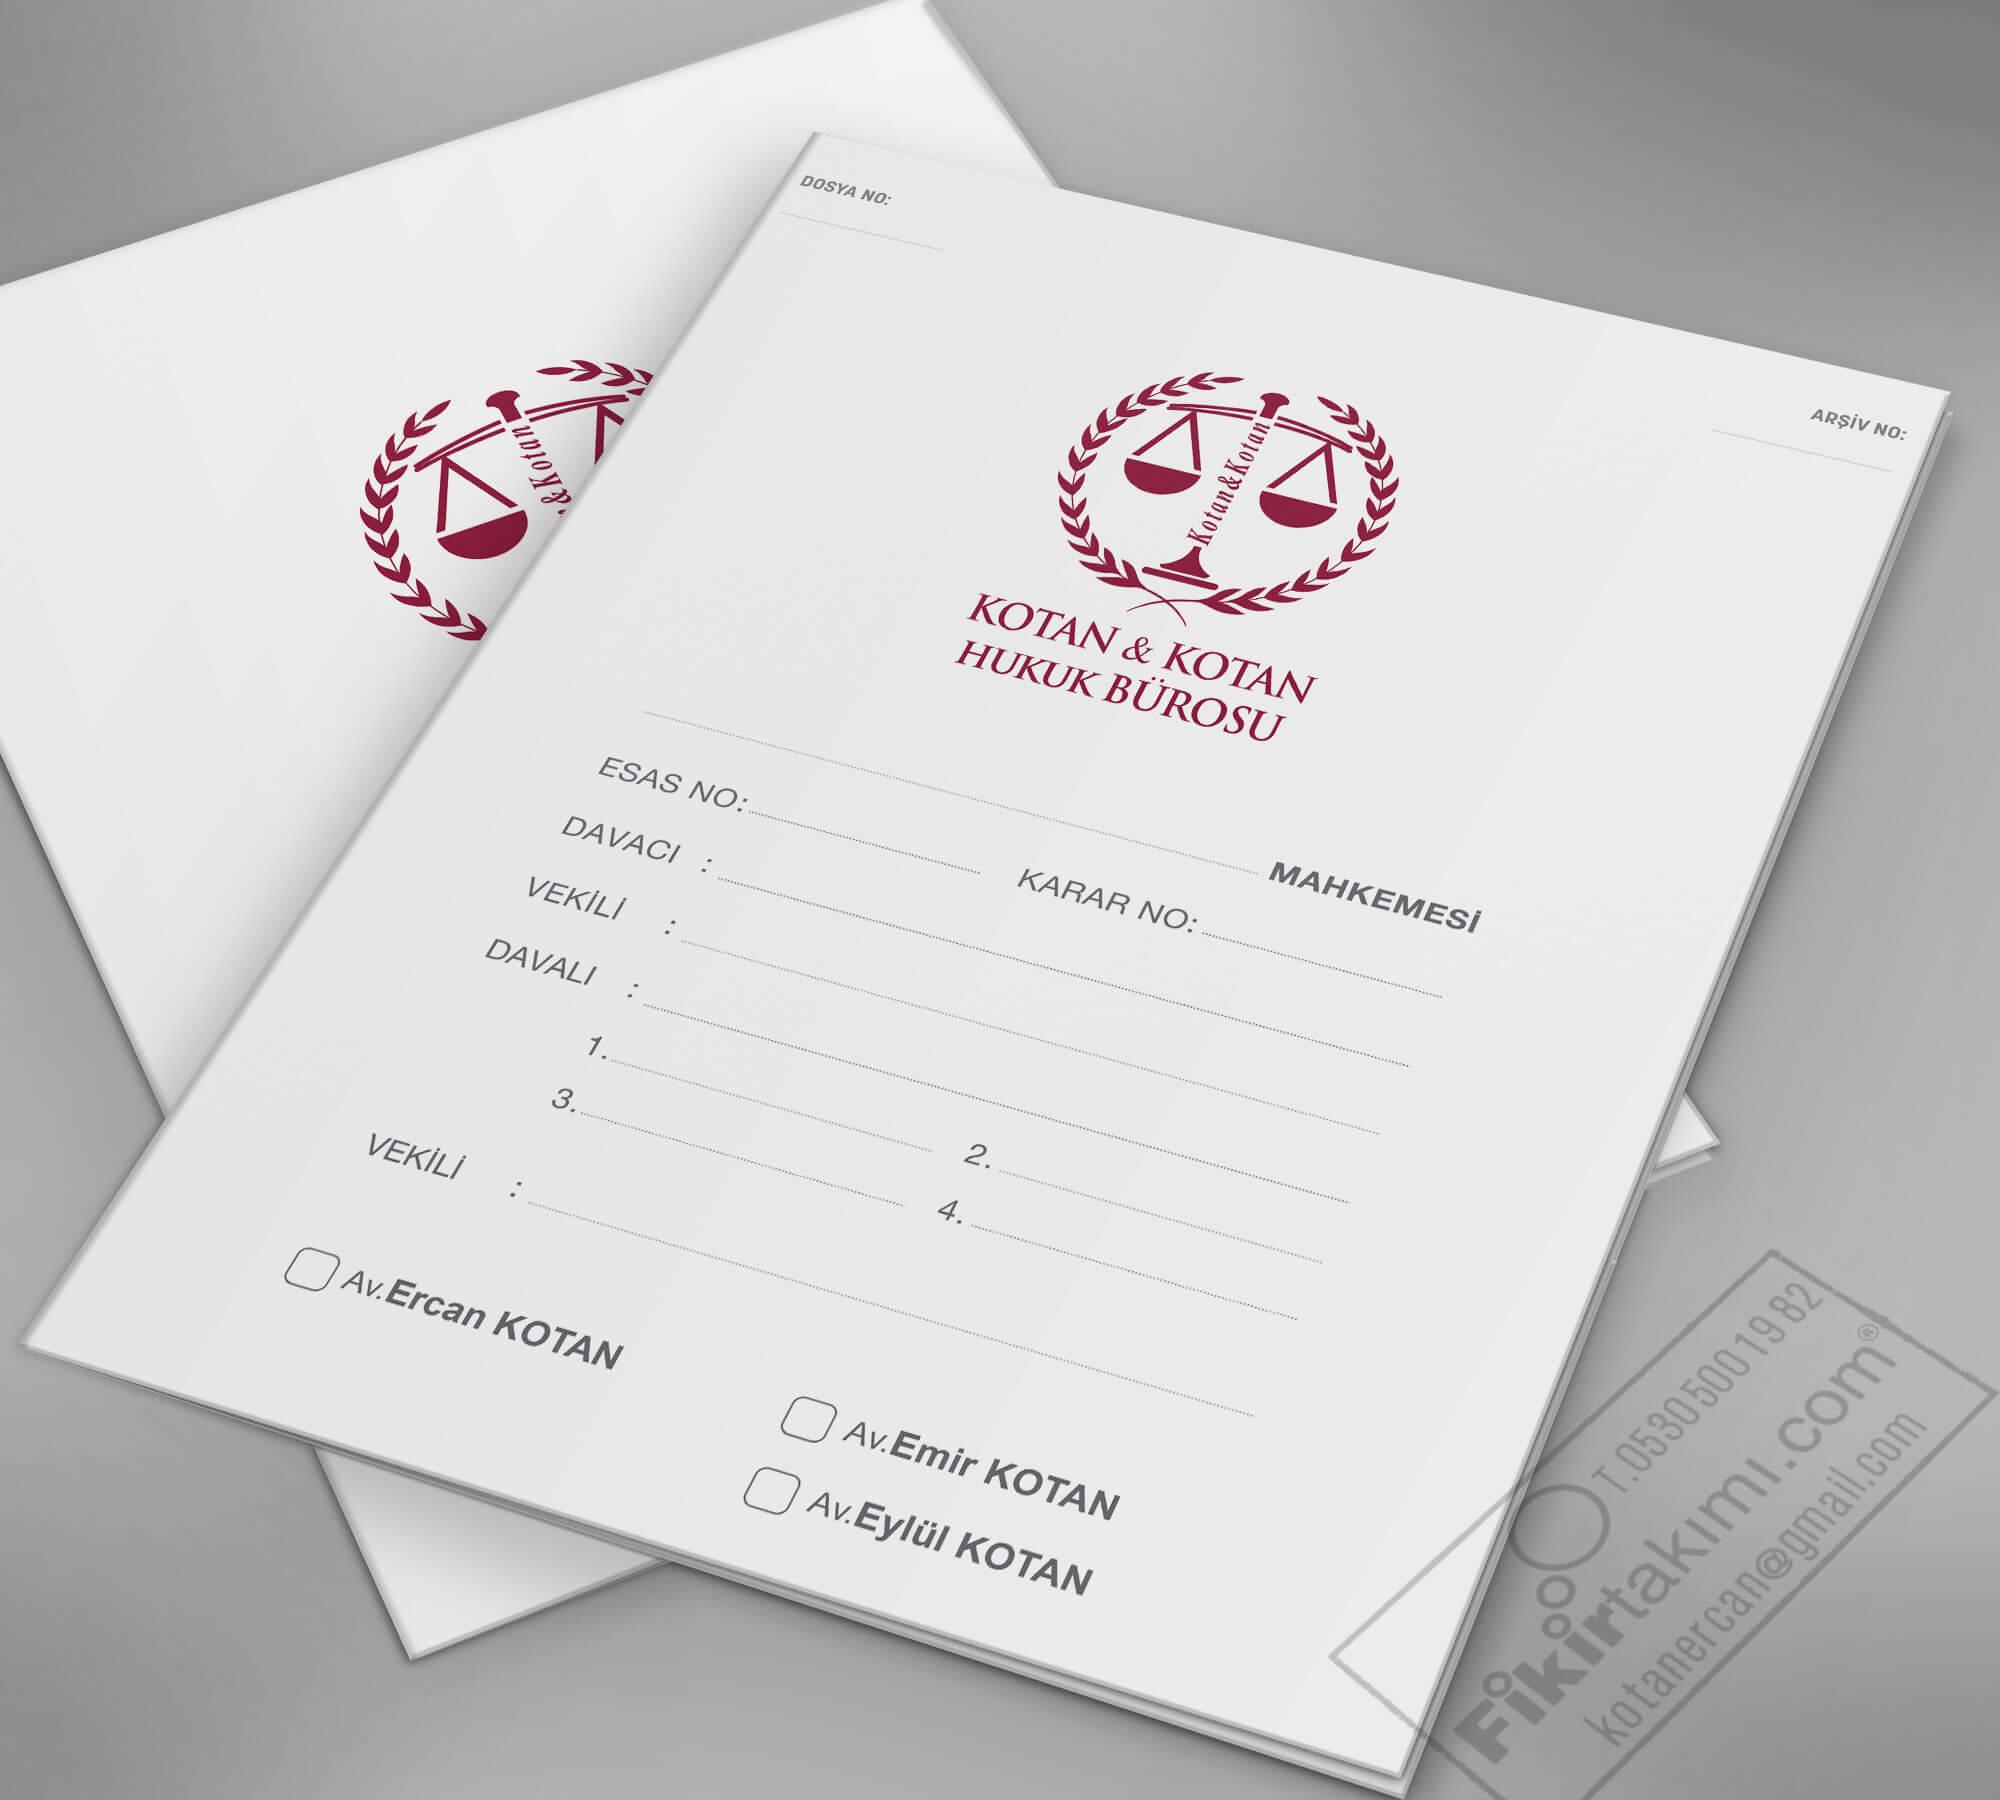 Beyaz Zemin, Mahkeme Dosya, İcra Dosya, Büro Dosya